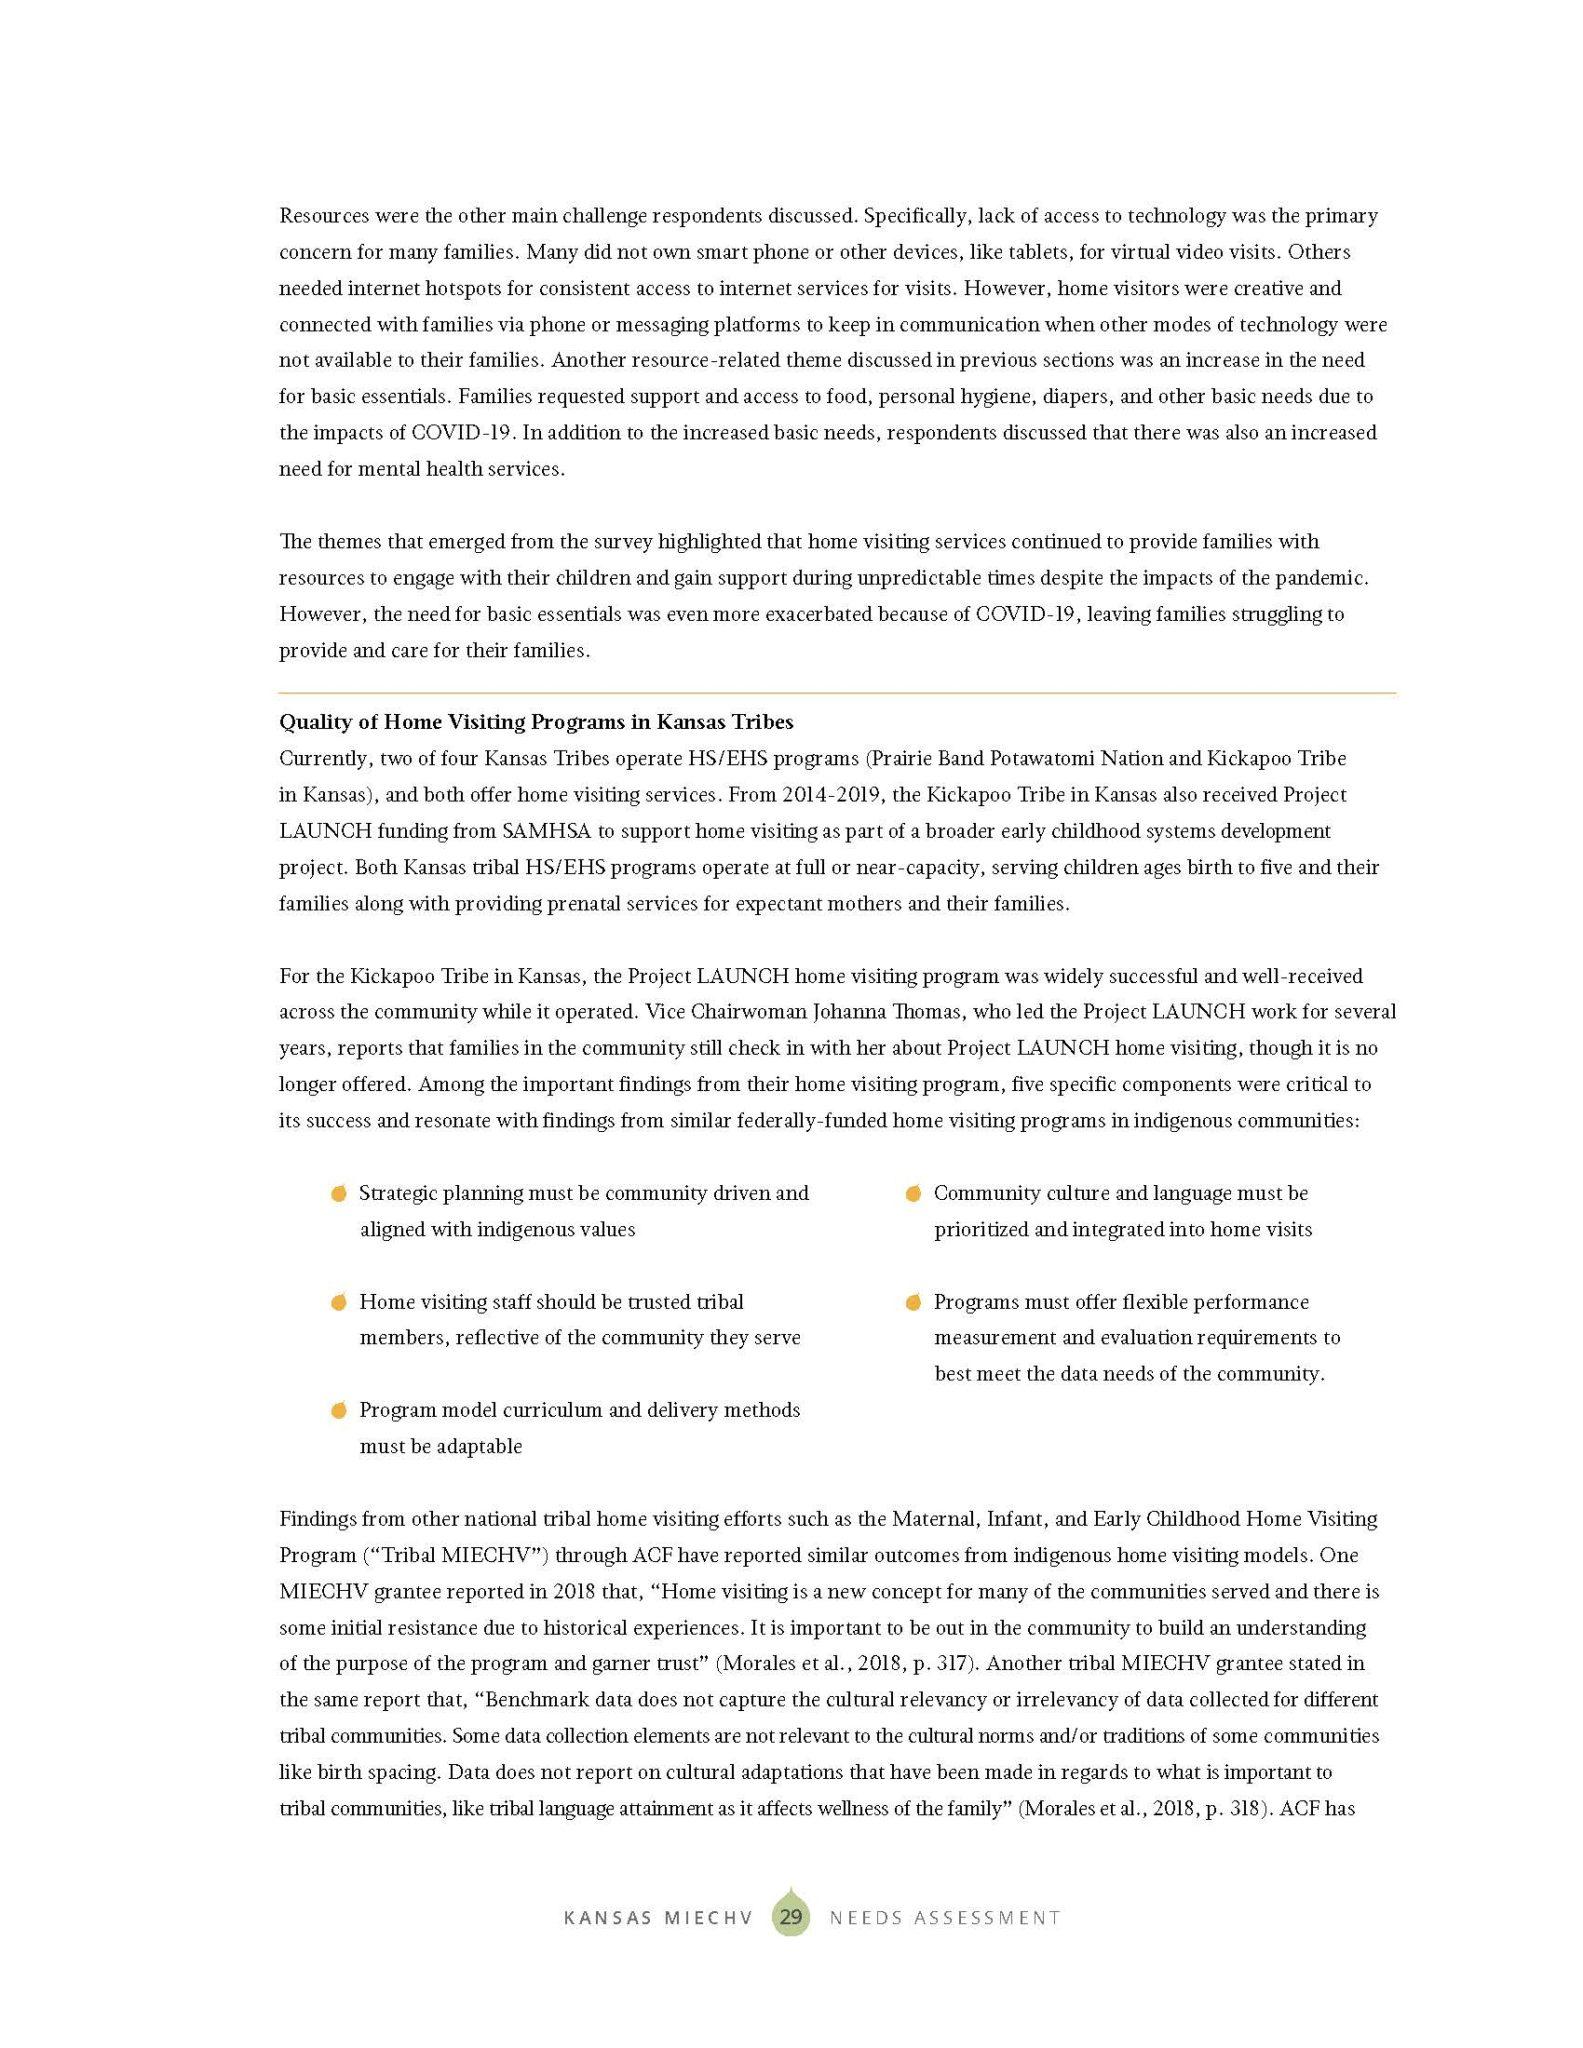 KS MIECHV 2020 Needs Assessment_DIGITAL_Page_037